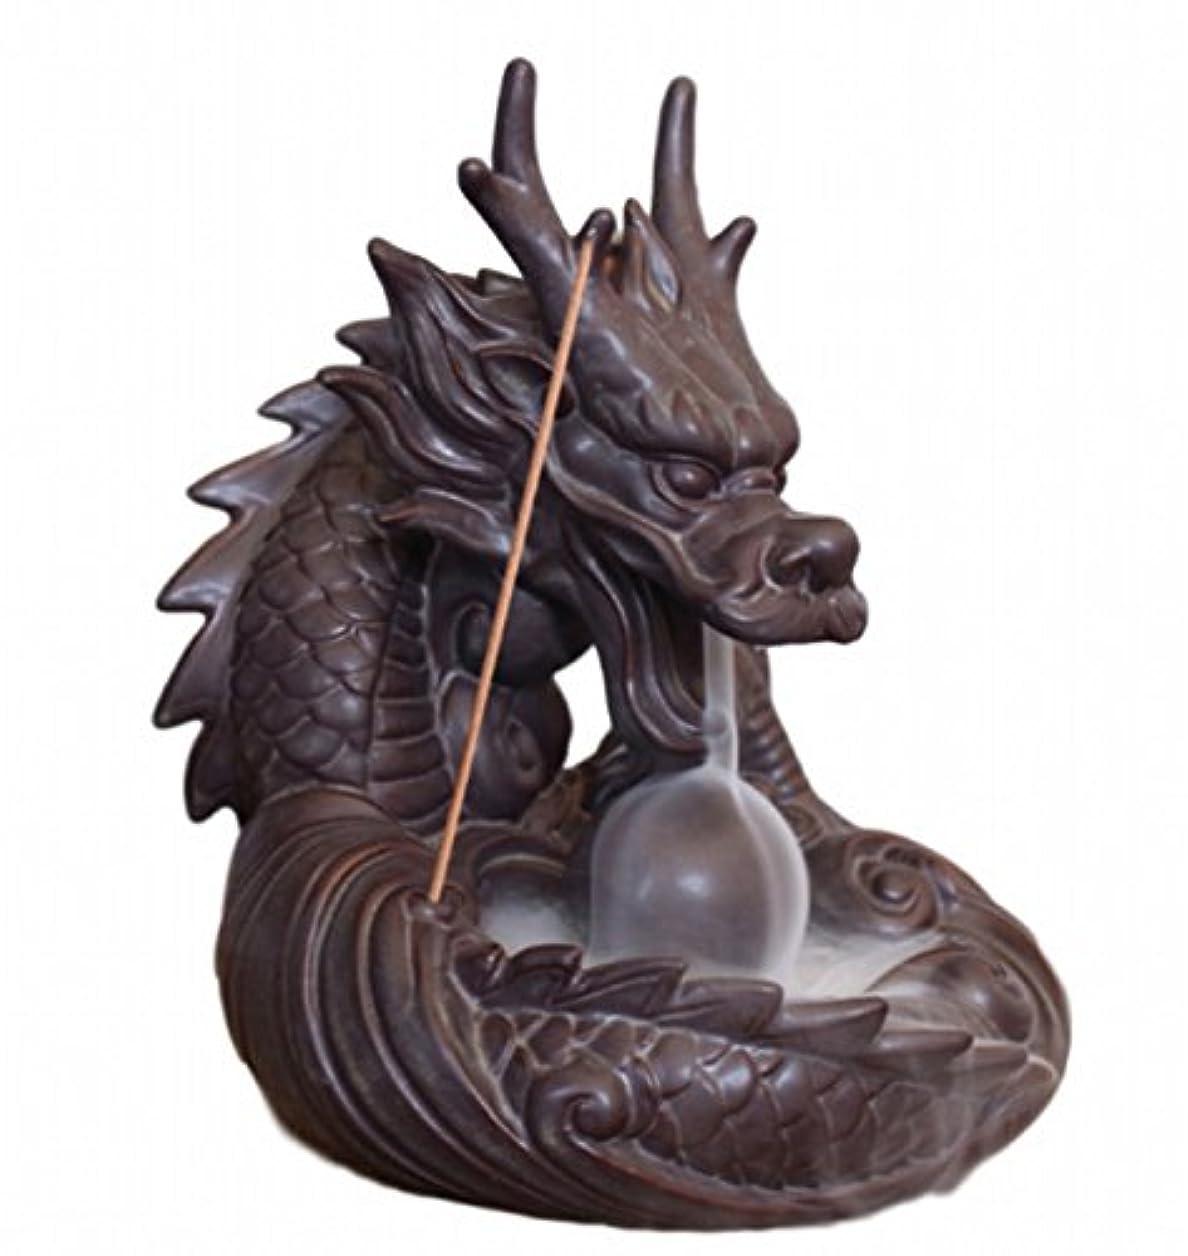 供給問い合わせ首【Rurumiマーケット】不思議なお香 倒流香 用 香炉 ドラゴン お試しお香付き 流川香 陶器製 (ドラゴンB)